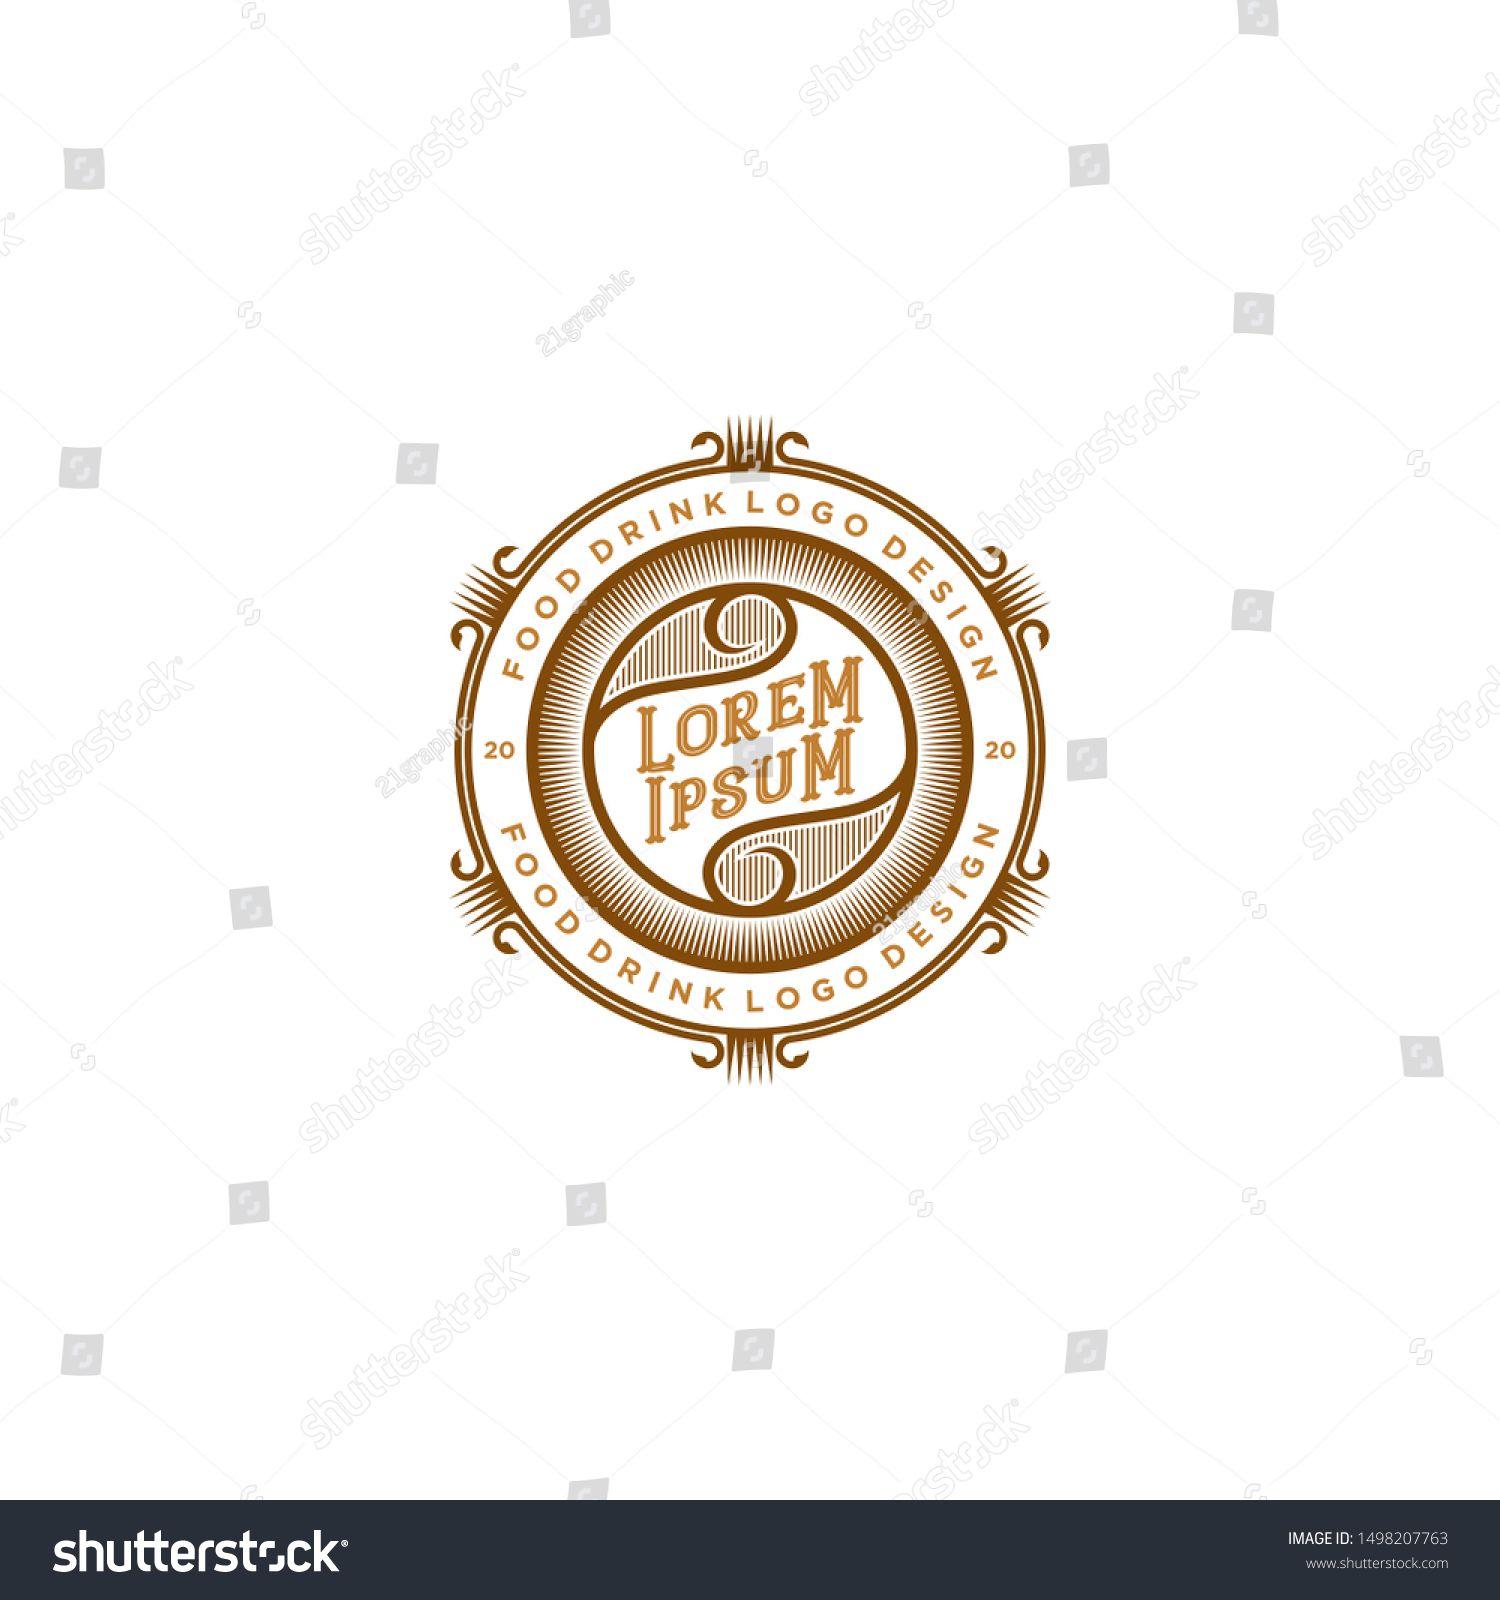 Food drink logo design - vintage style restaurant and cafe bar #Sponsored , #Aff, #logo#design#Food#drink